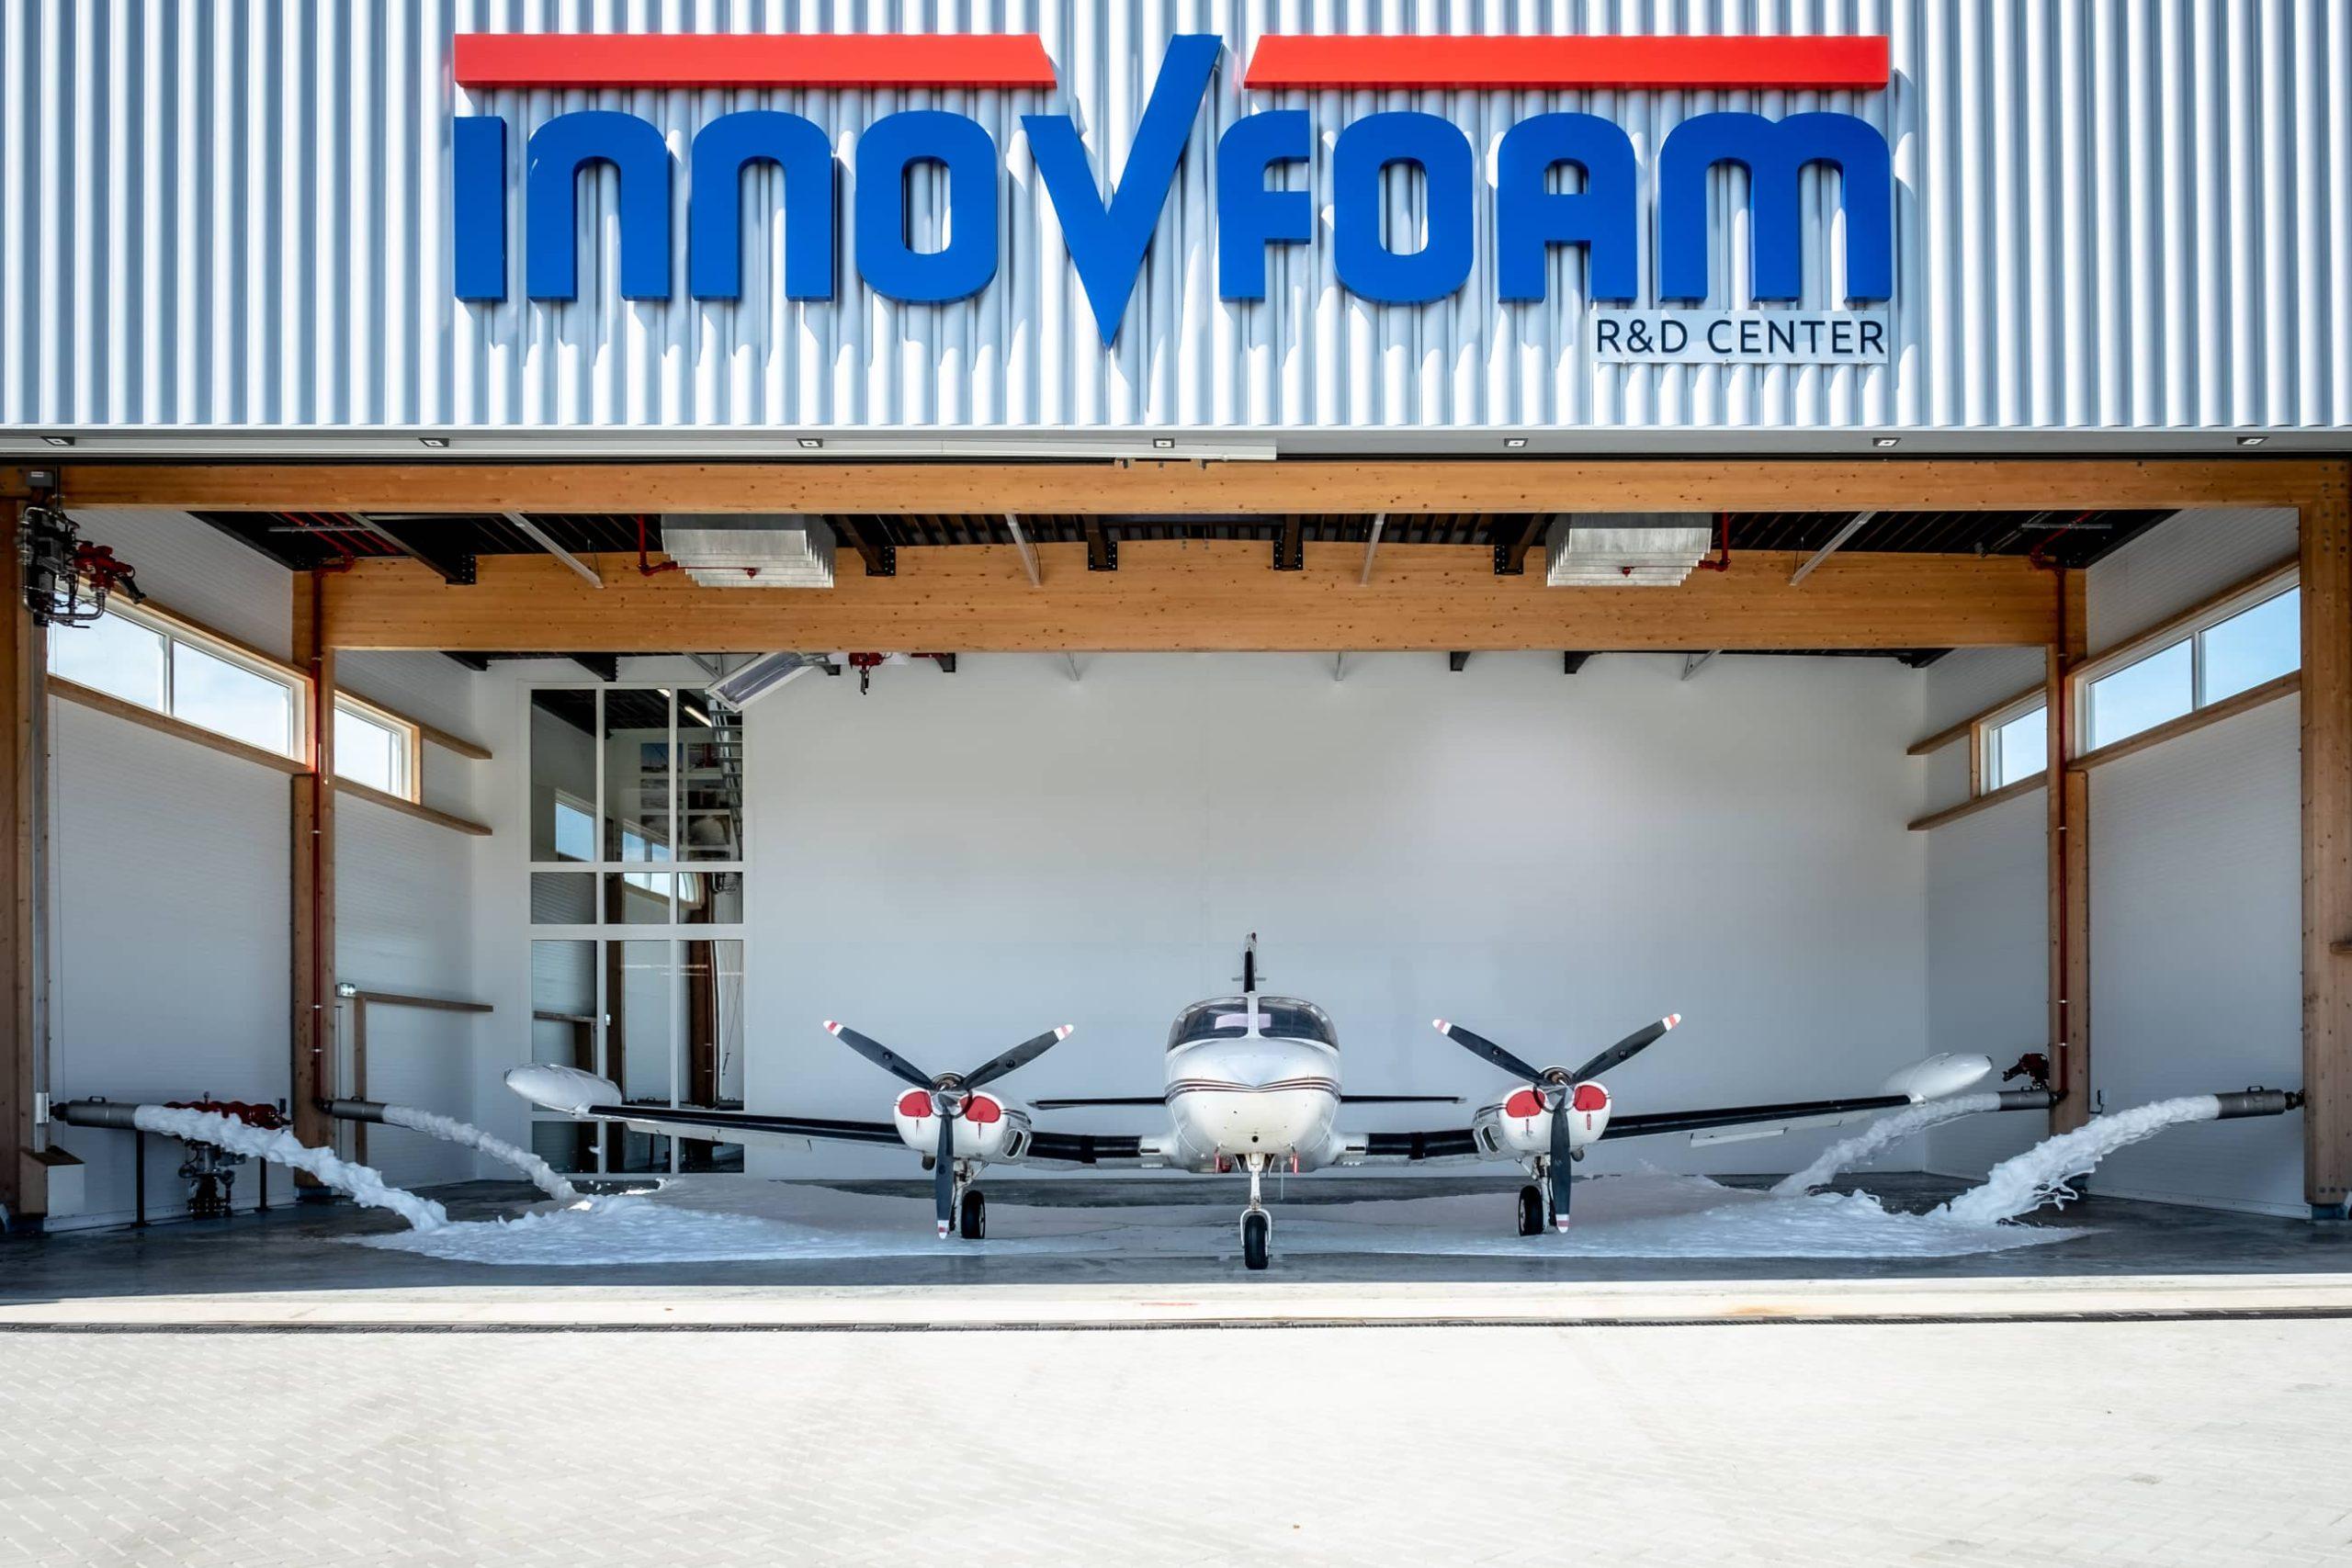 Blusschuimsystemen voor luchtvaart